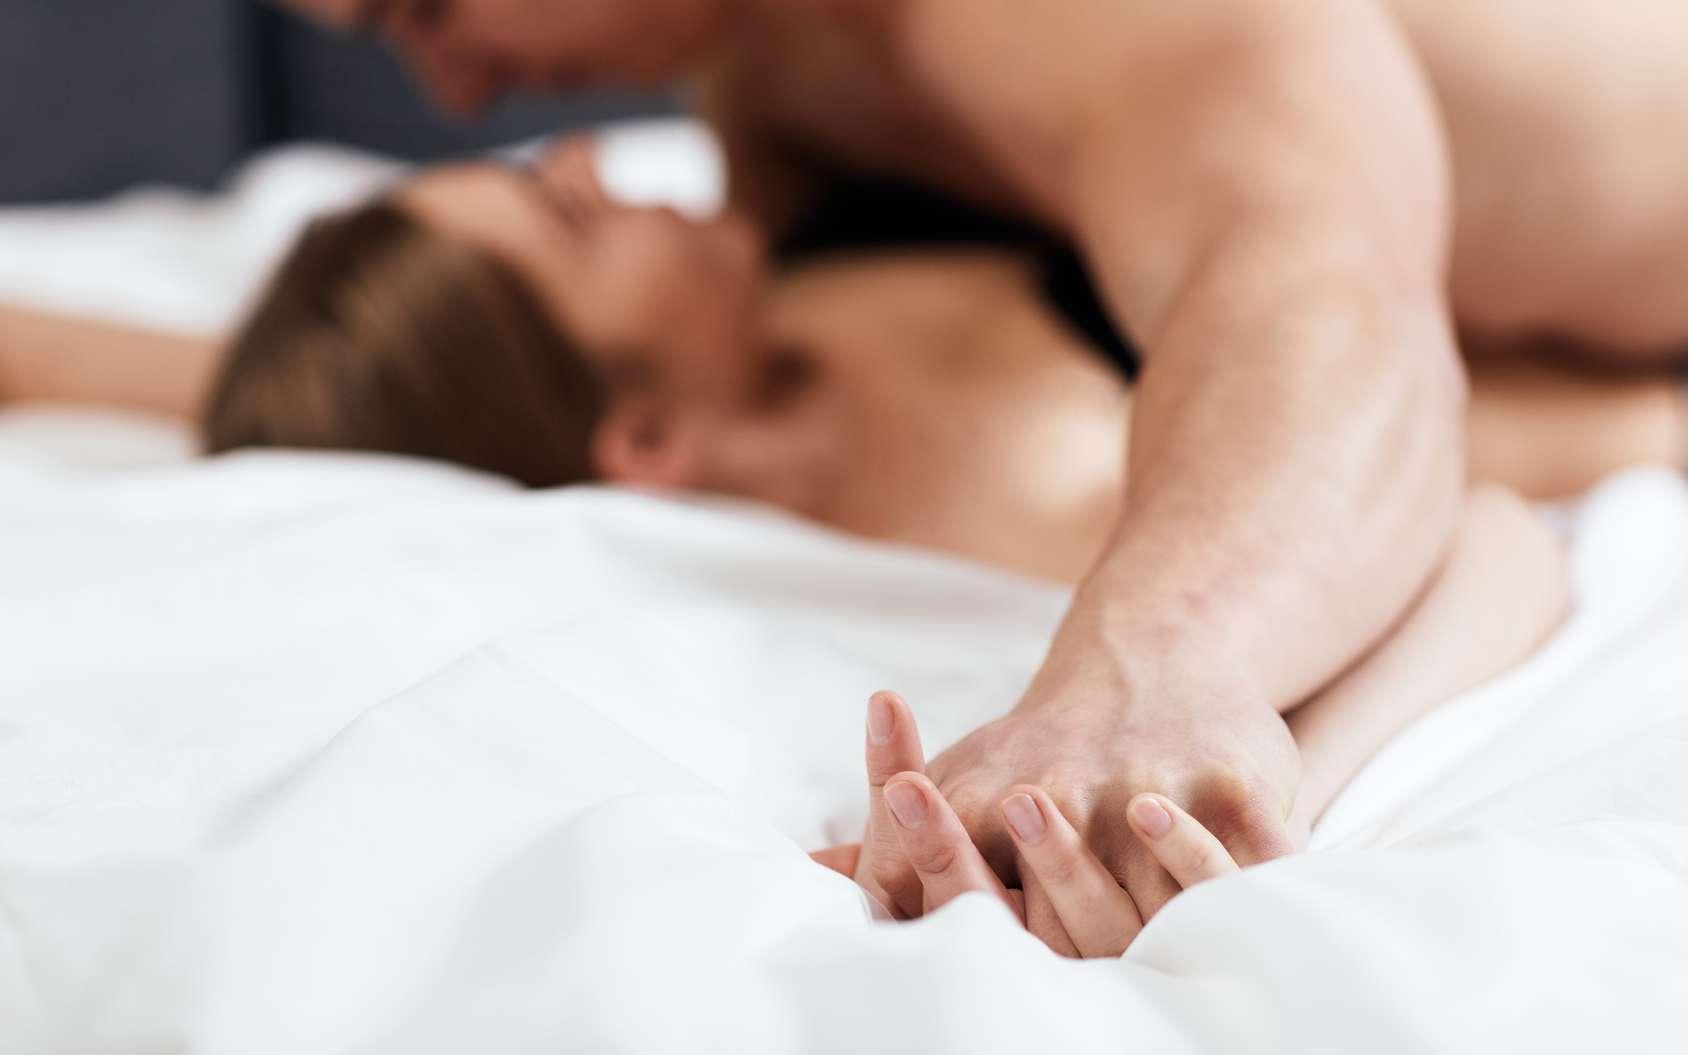 Comme certaines personnes pourraient être génétiquement programmées pour manquer d'appétit sexuel, d'autres pourraient être prédisposées à la luxure. © llhedgehogll, fotolia